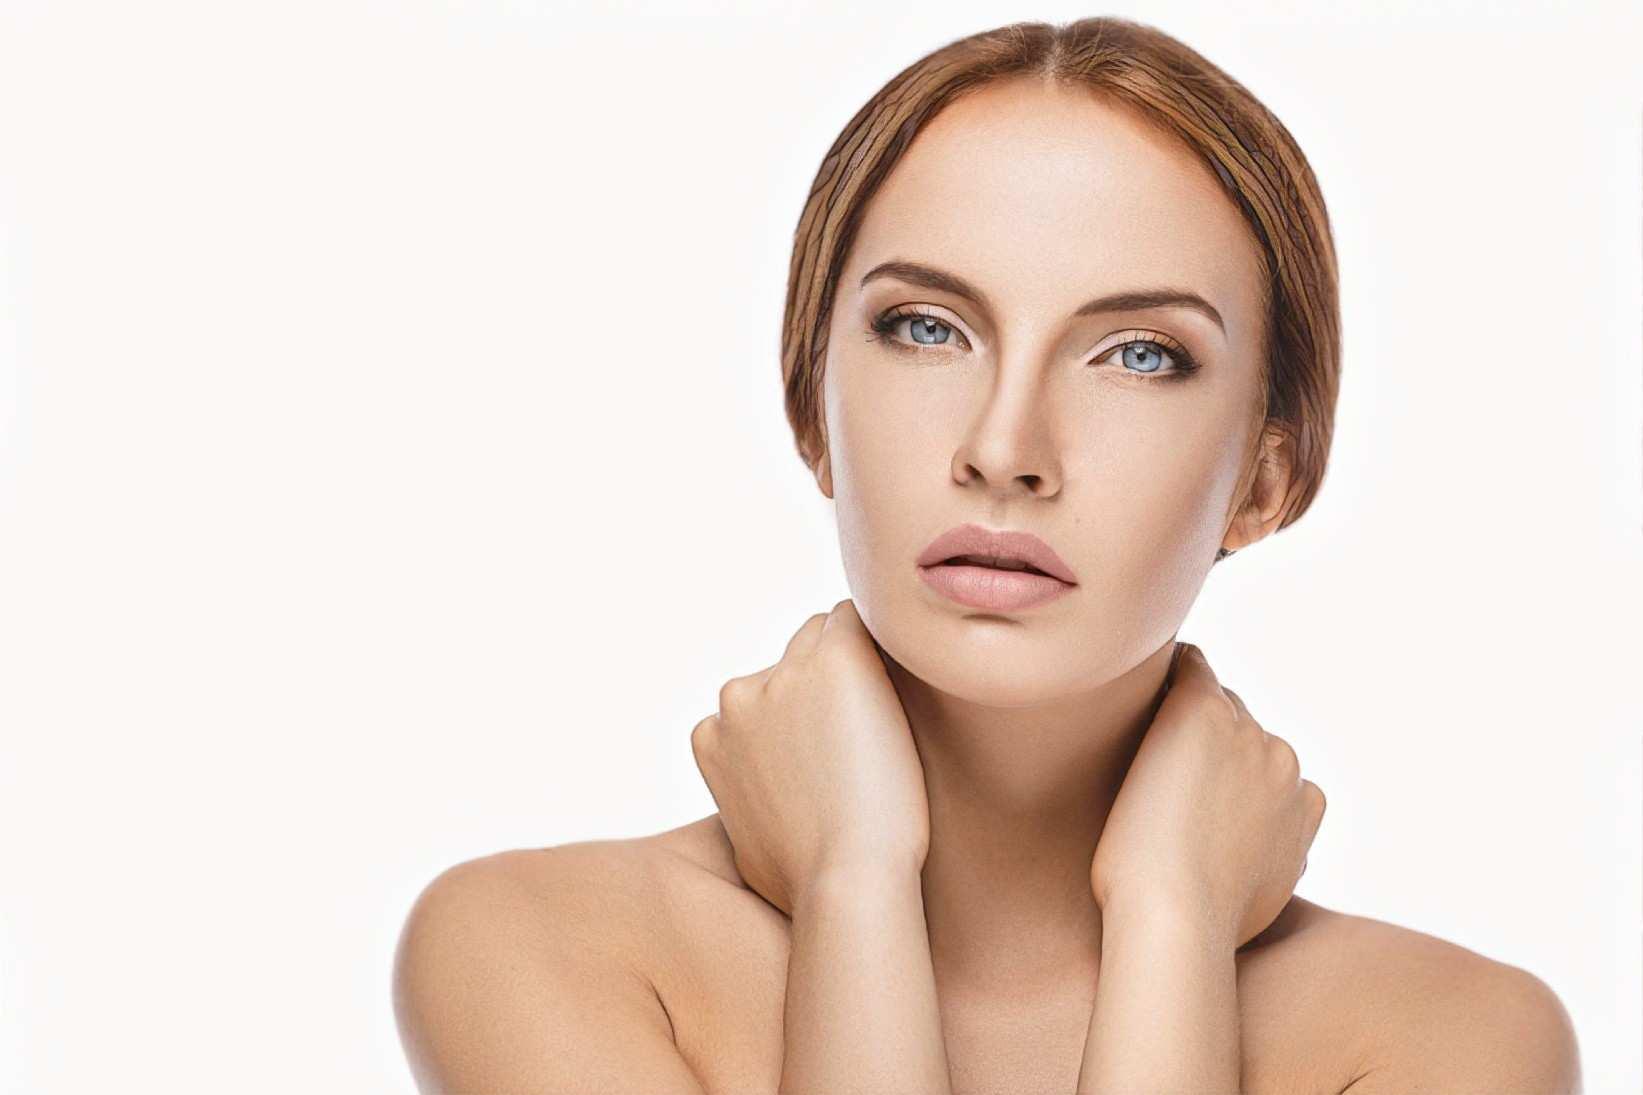 Редермализация кожи лица: что это и для чего проводится